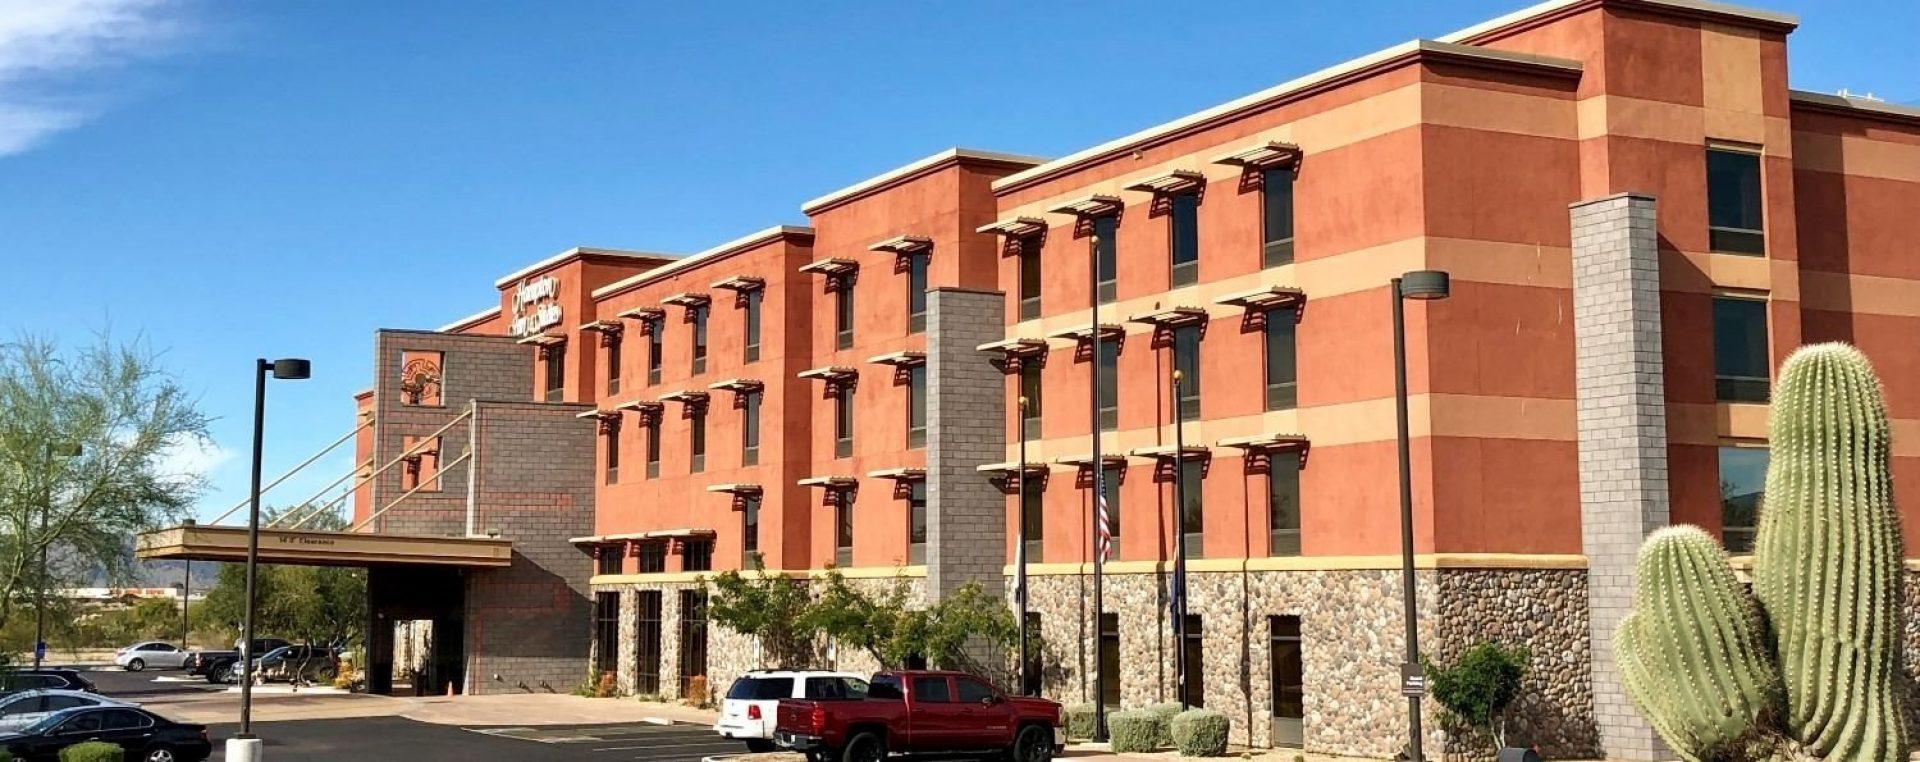 Riverwalk hotel hampton inn